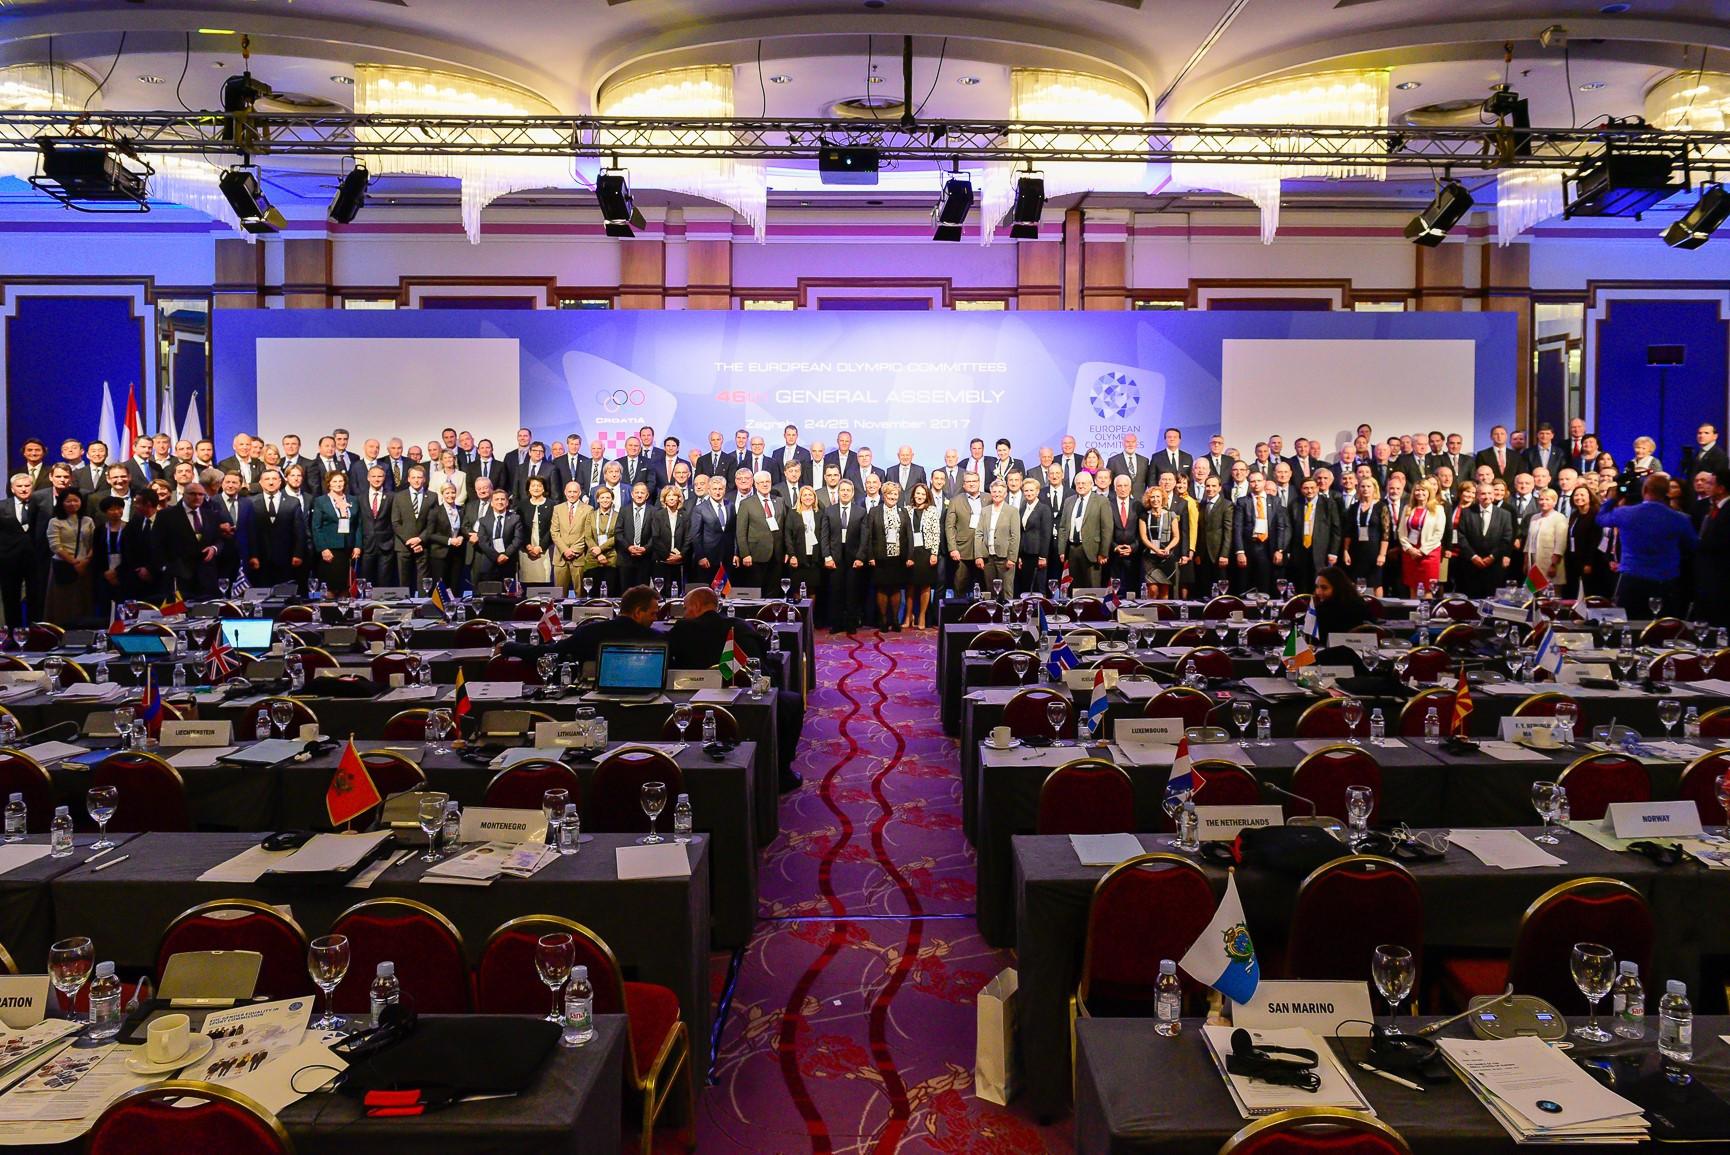 Delegates pose together during the EOC General Assembly ©EOC